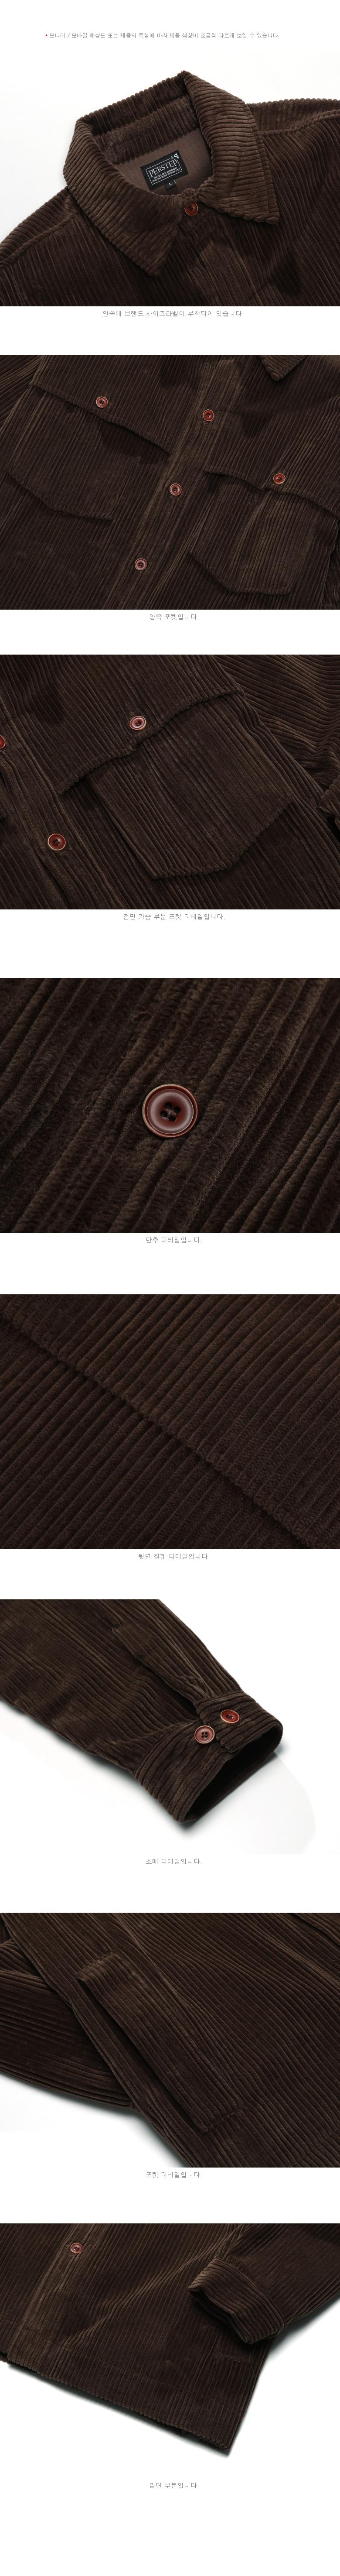 4277_detail_brown_ms_02.jpg